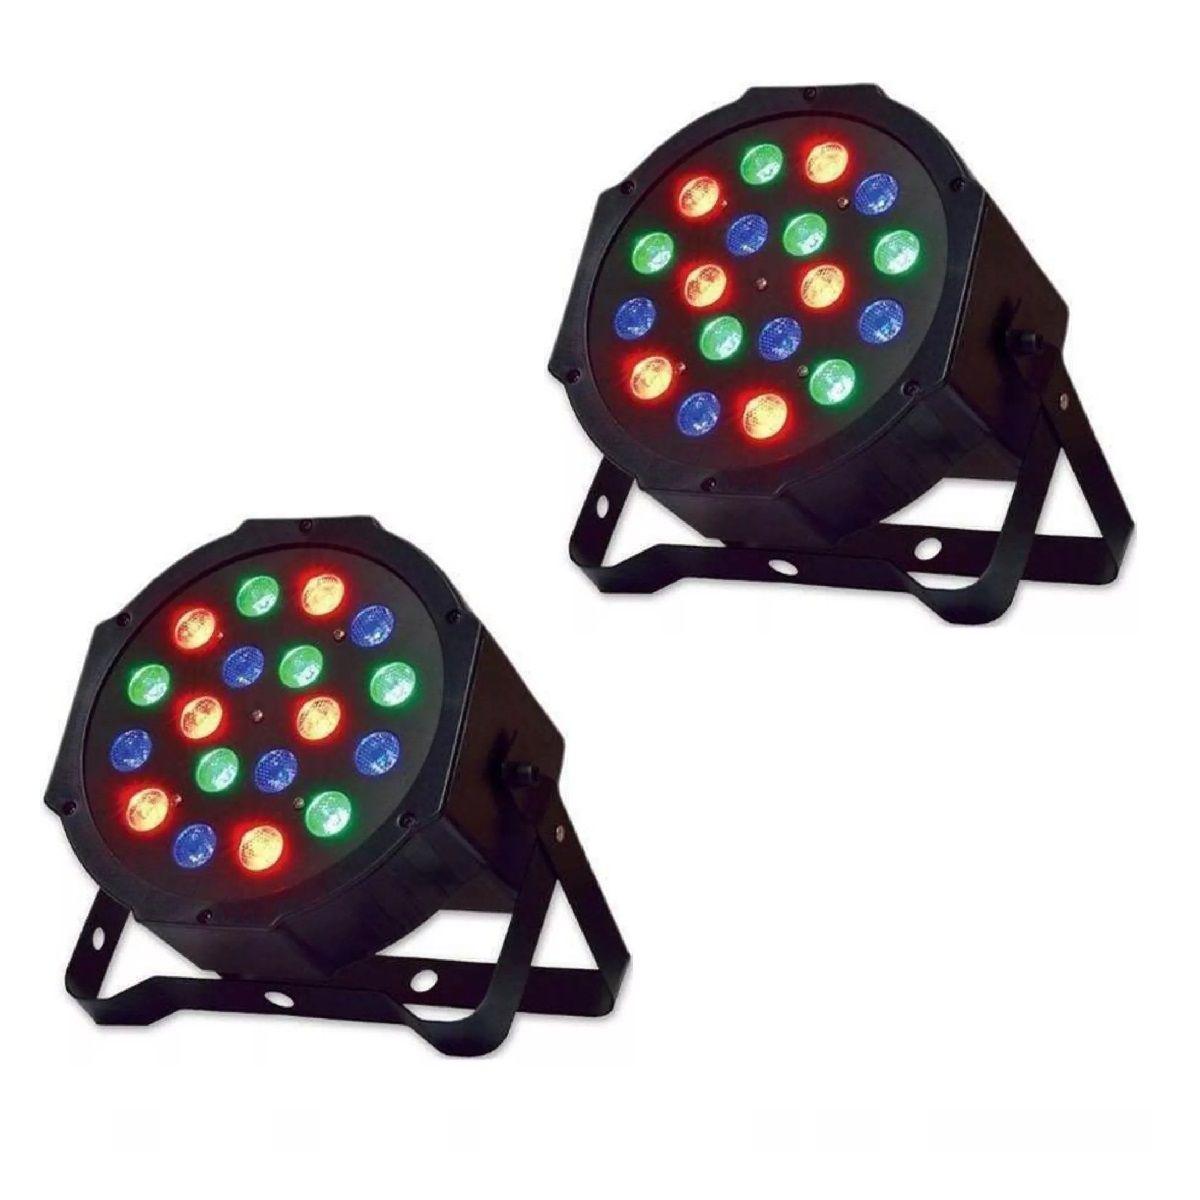 Kit 2x Canhão de Luz PAR 18 LEDs 1W RGB DMX Strobo Painel Digital - FULLFILMENT VENDAS